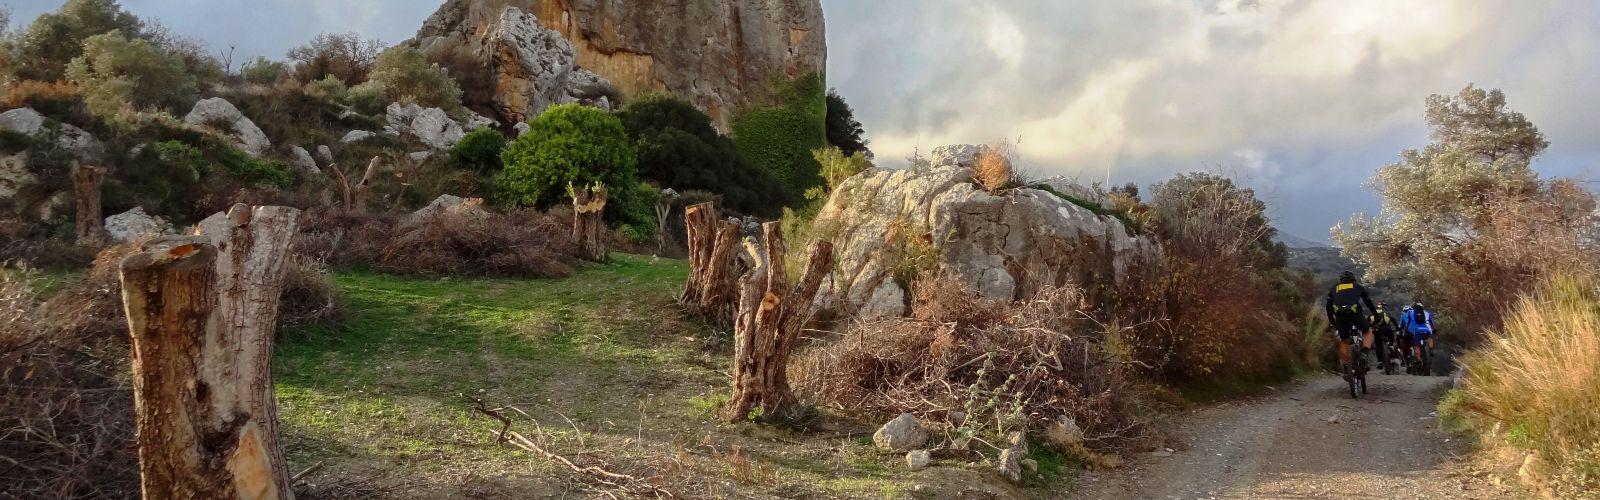 votiros rock at agia varvara